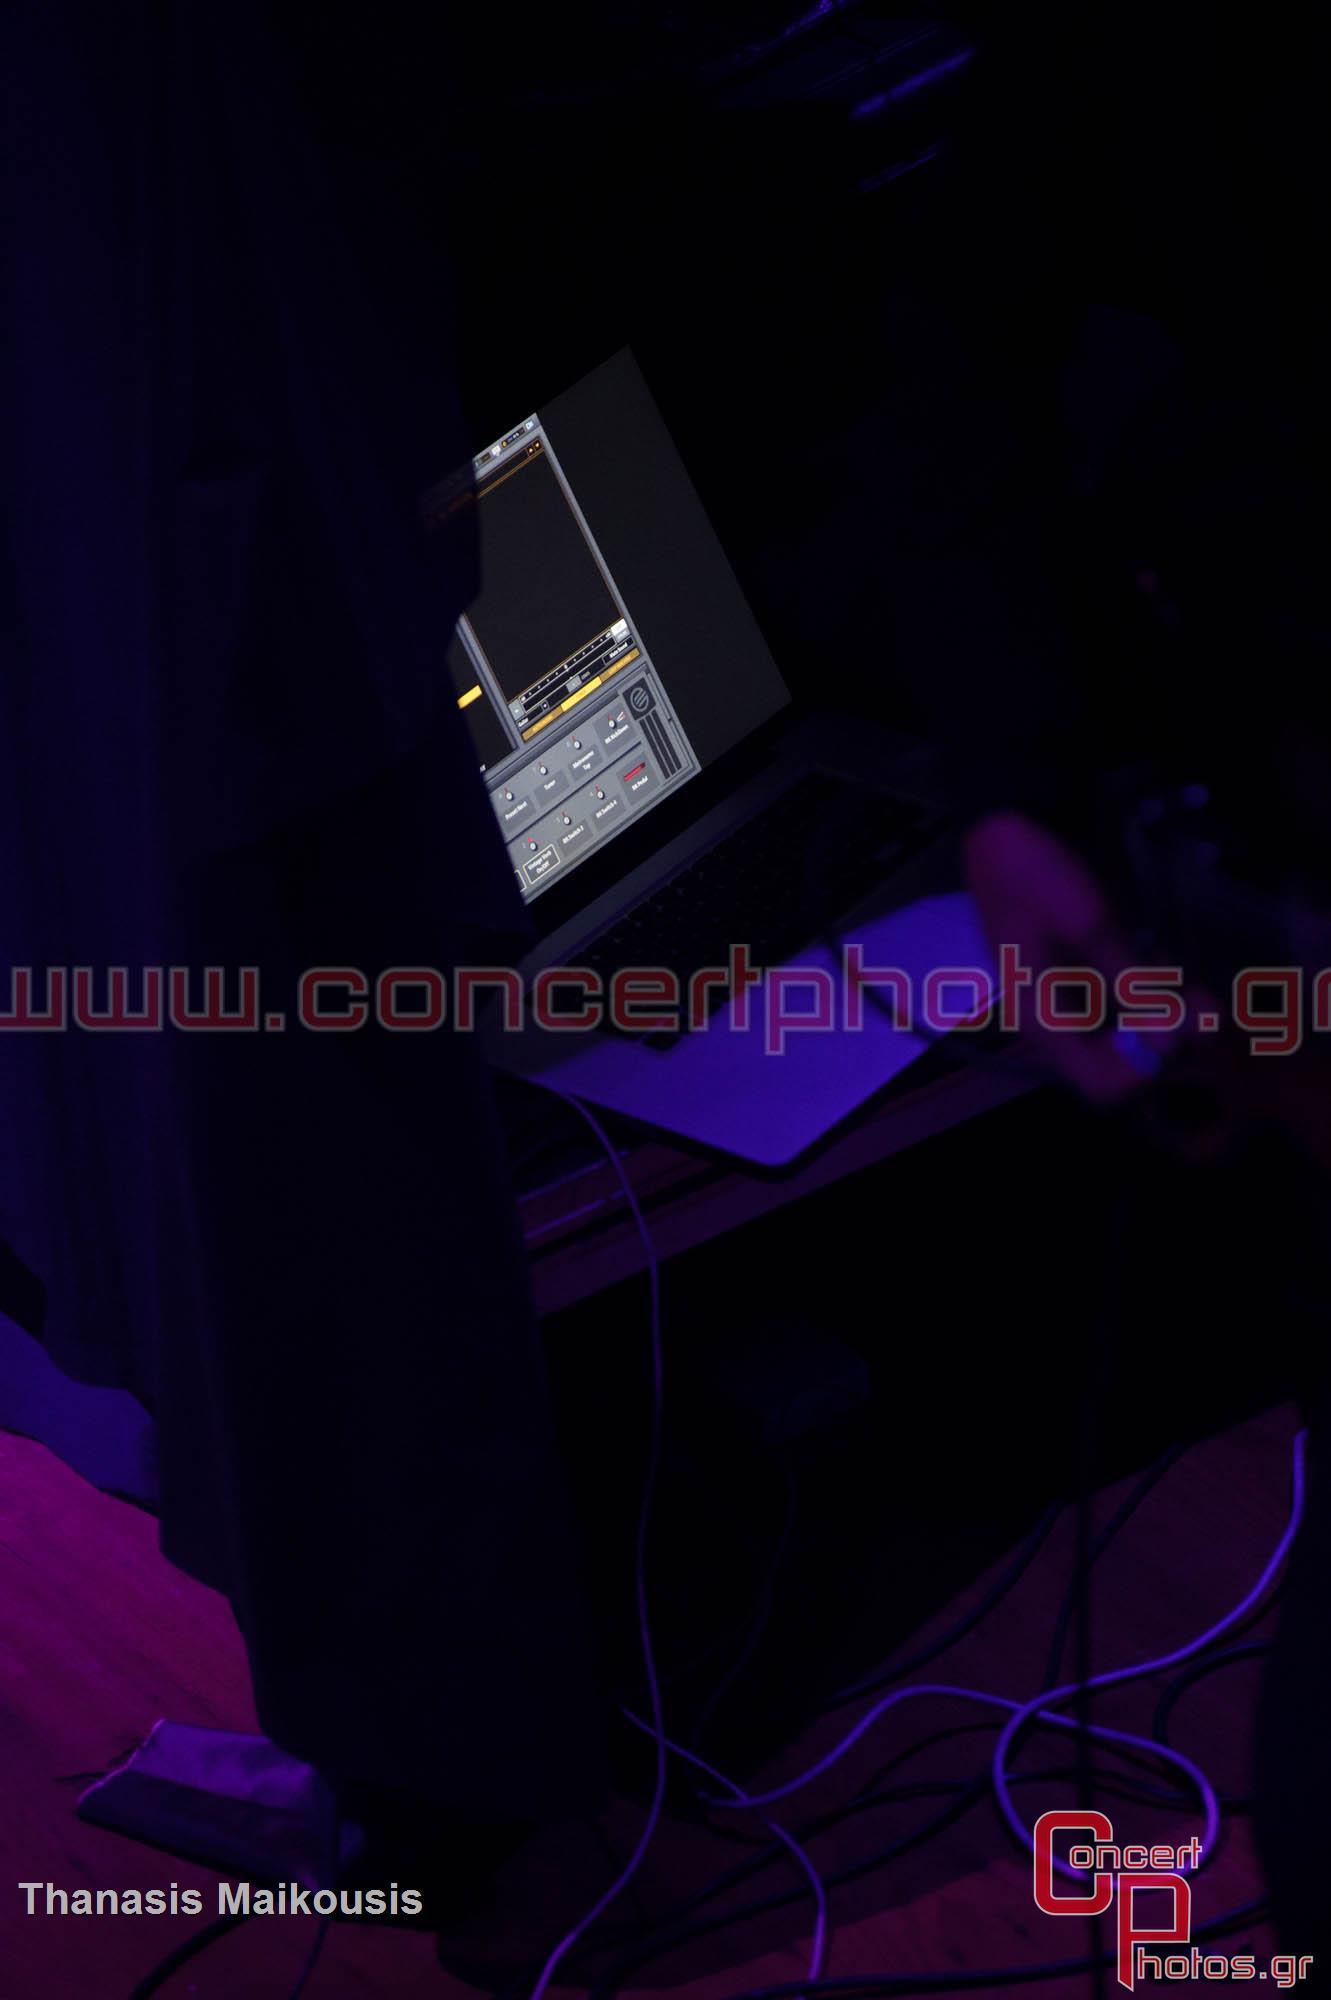 Wax Tailor - photographer: Thanasis Maikousis - ConcertPhotos-8175